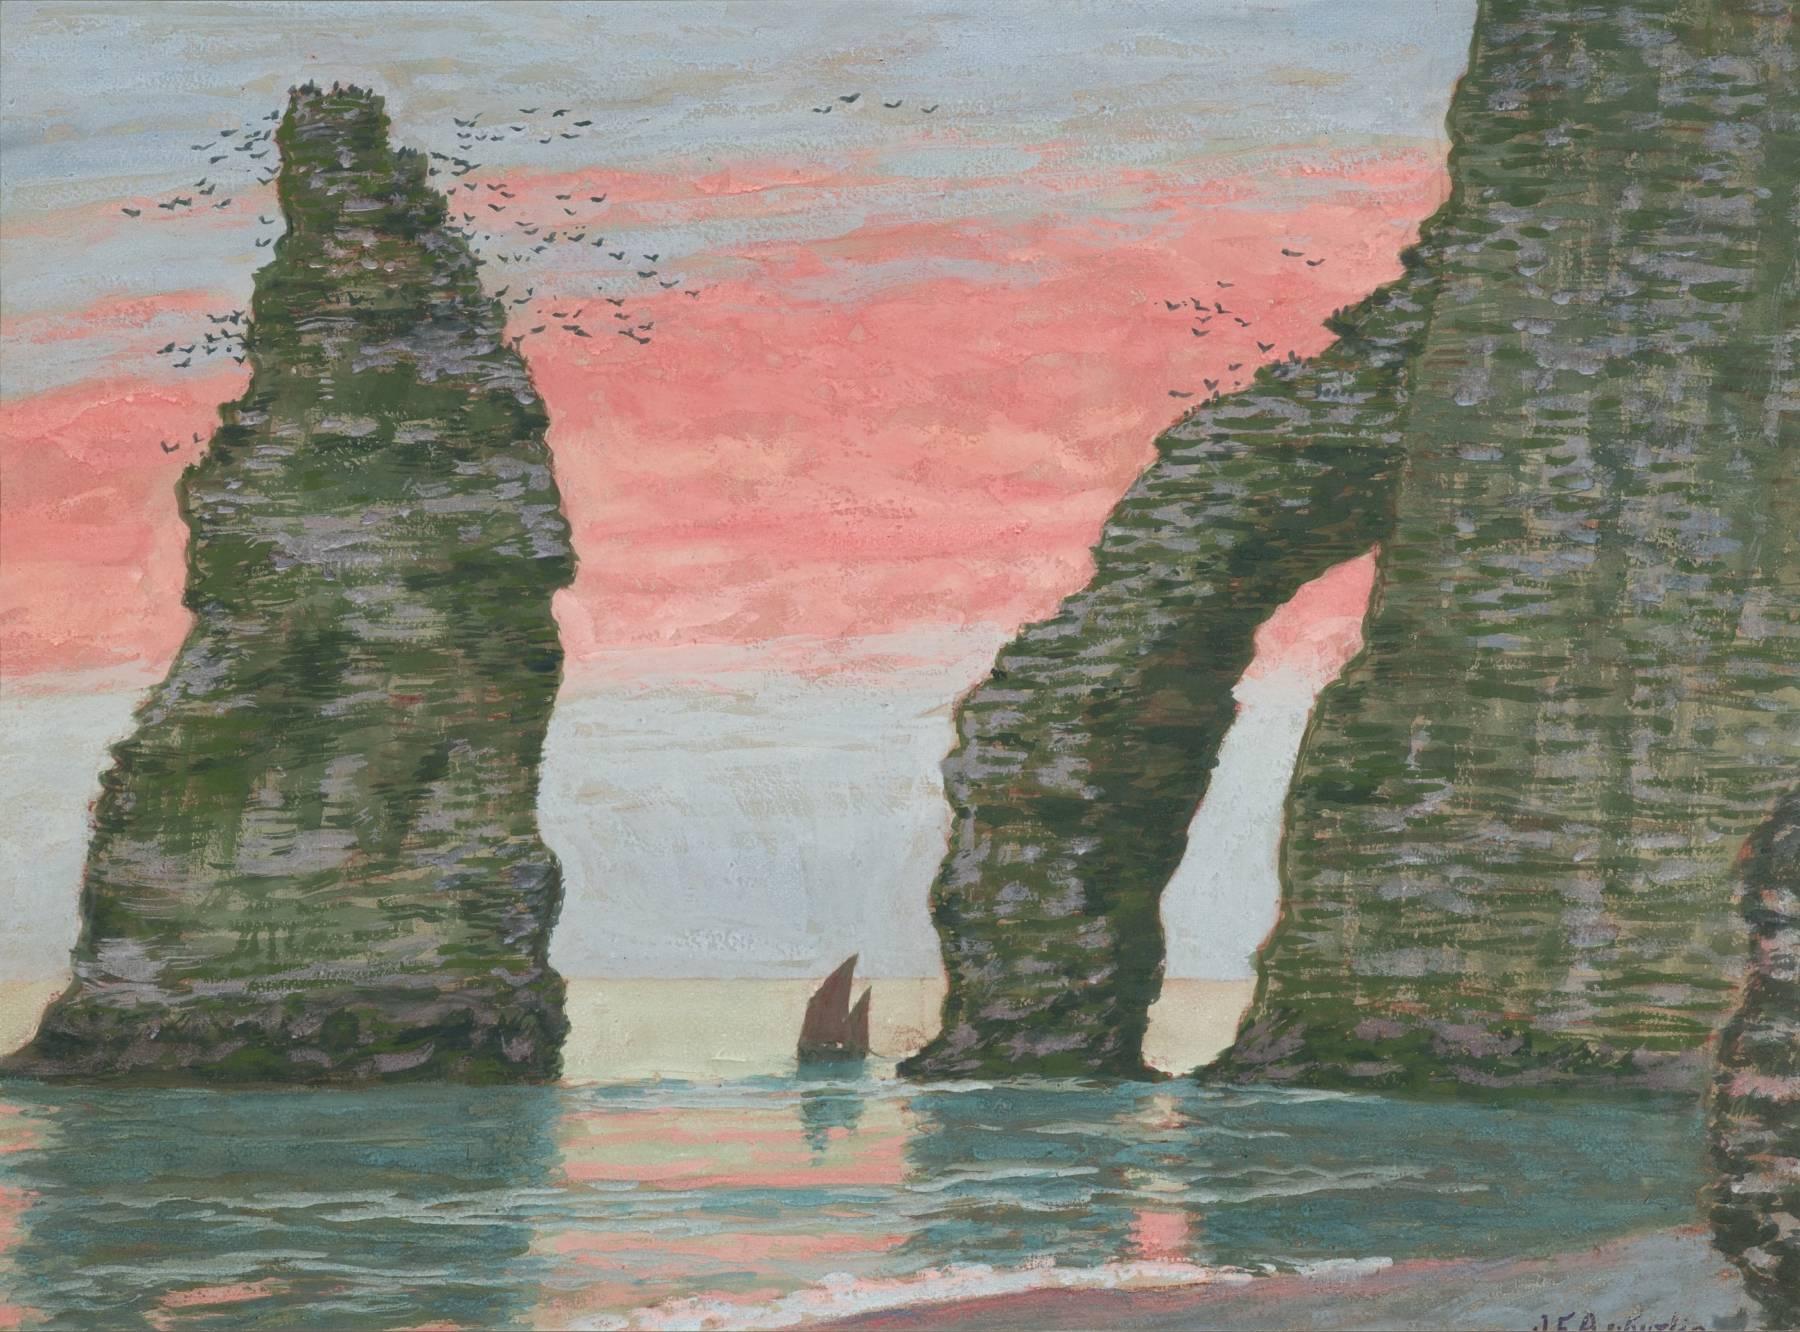 Jean Francis Auburtin, L'Aiguille d'Étretat, ciel rouge